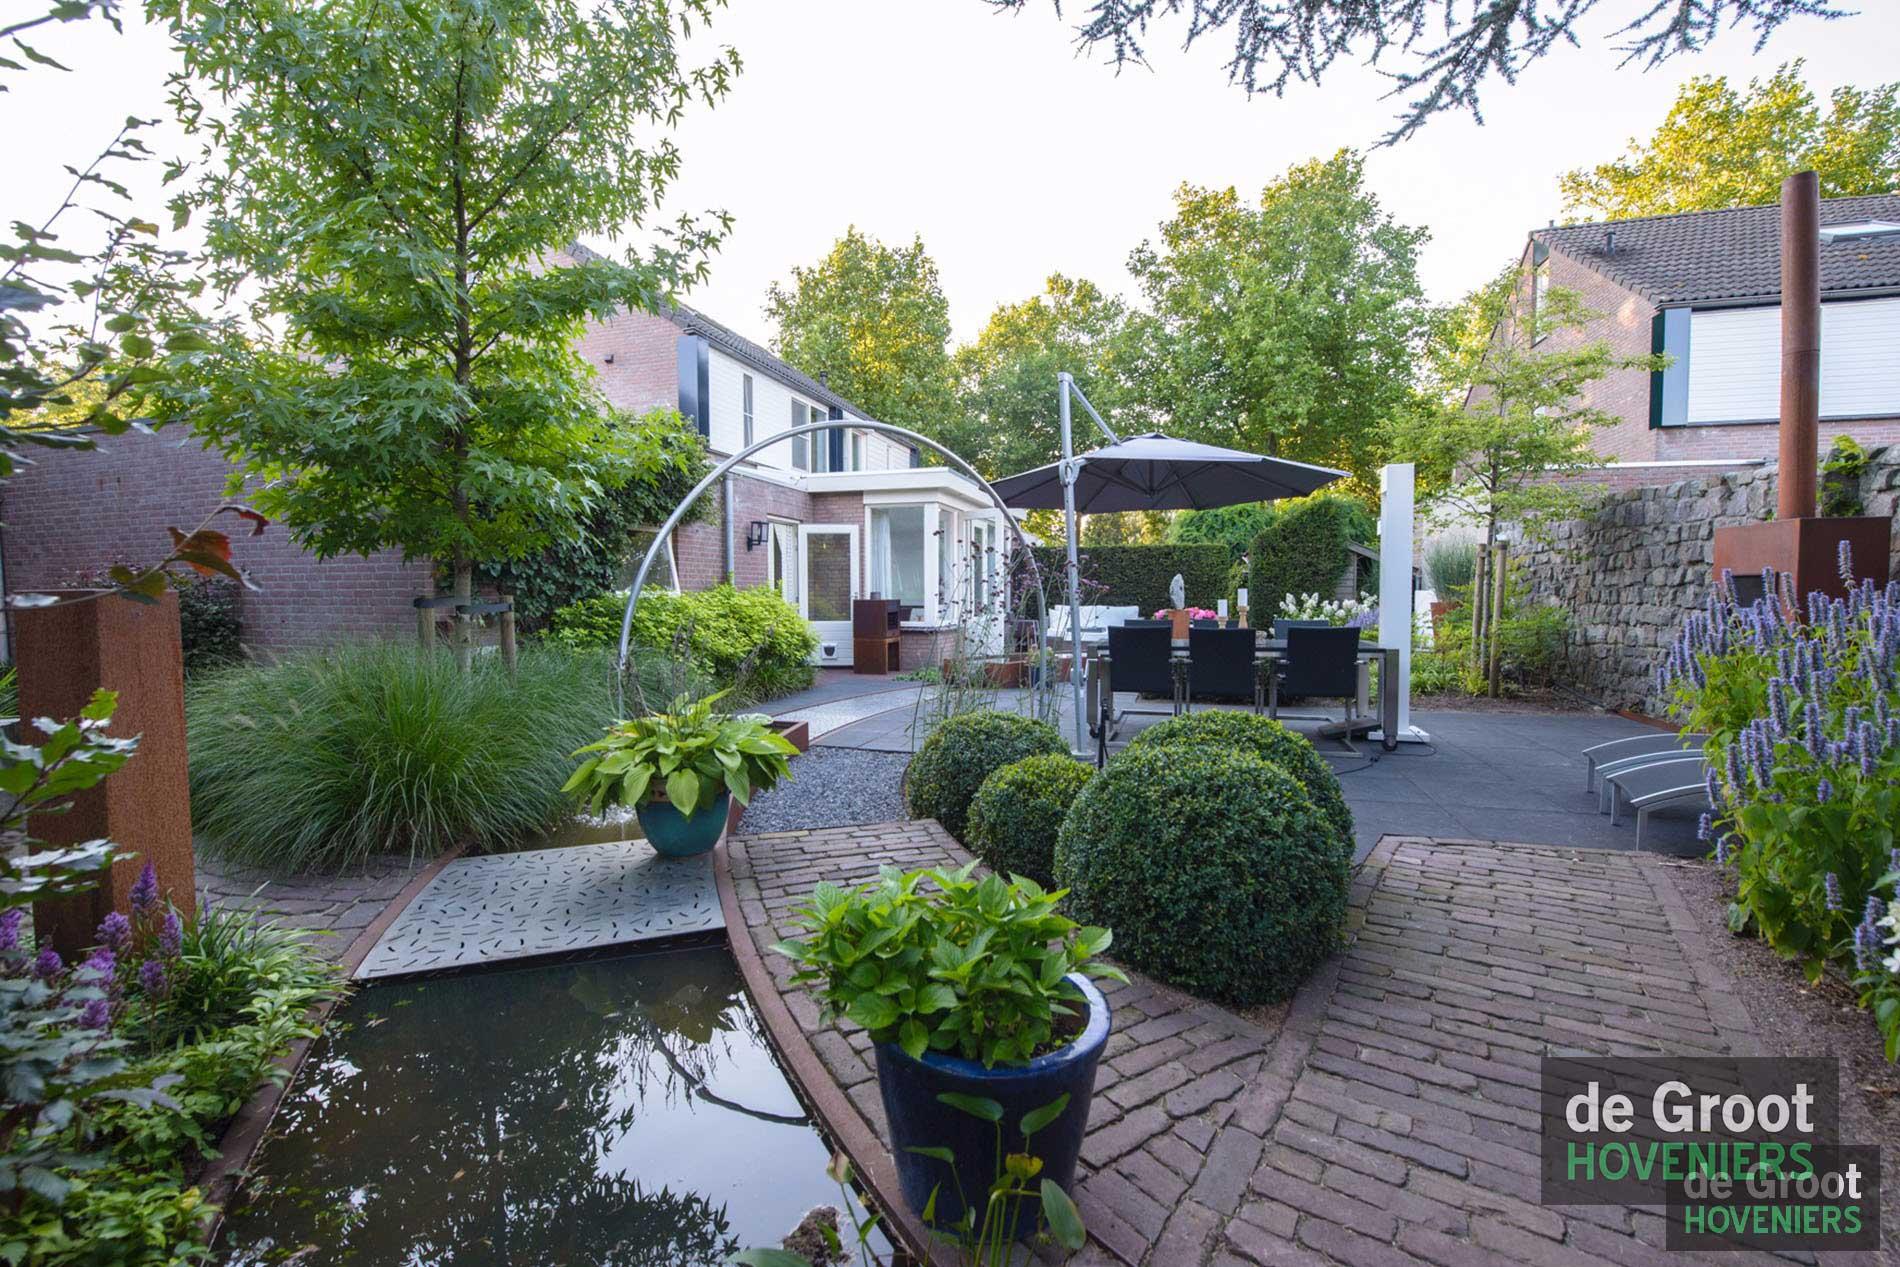 Tuinstijlen verschillende stijlen tuinen aangelegd door de groot